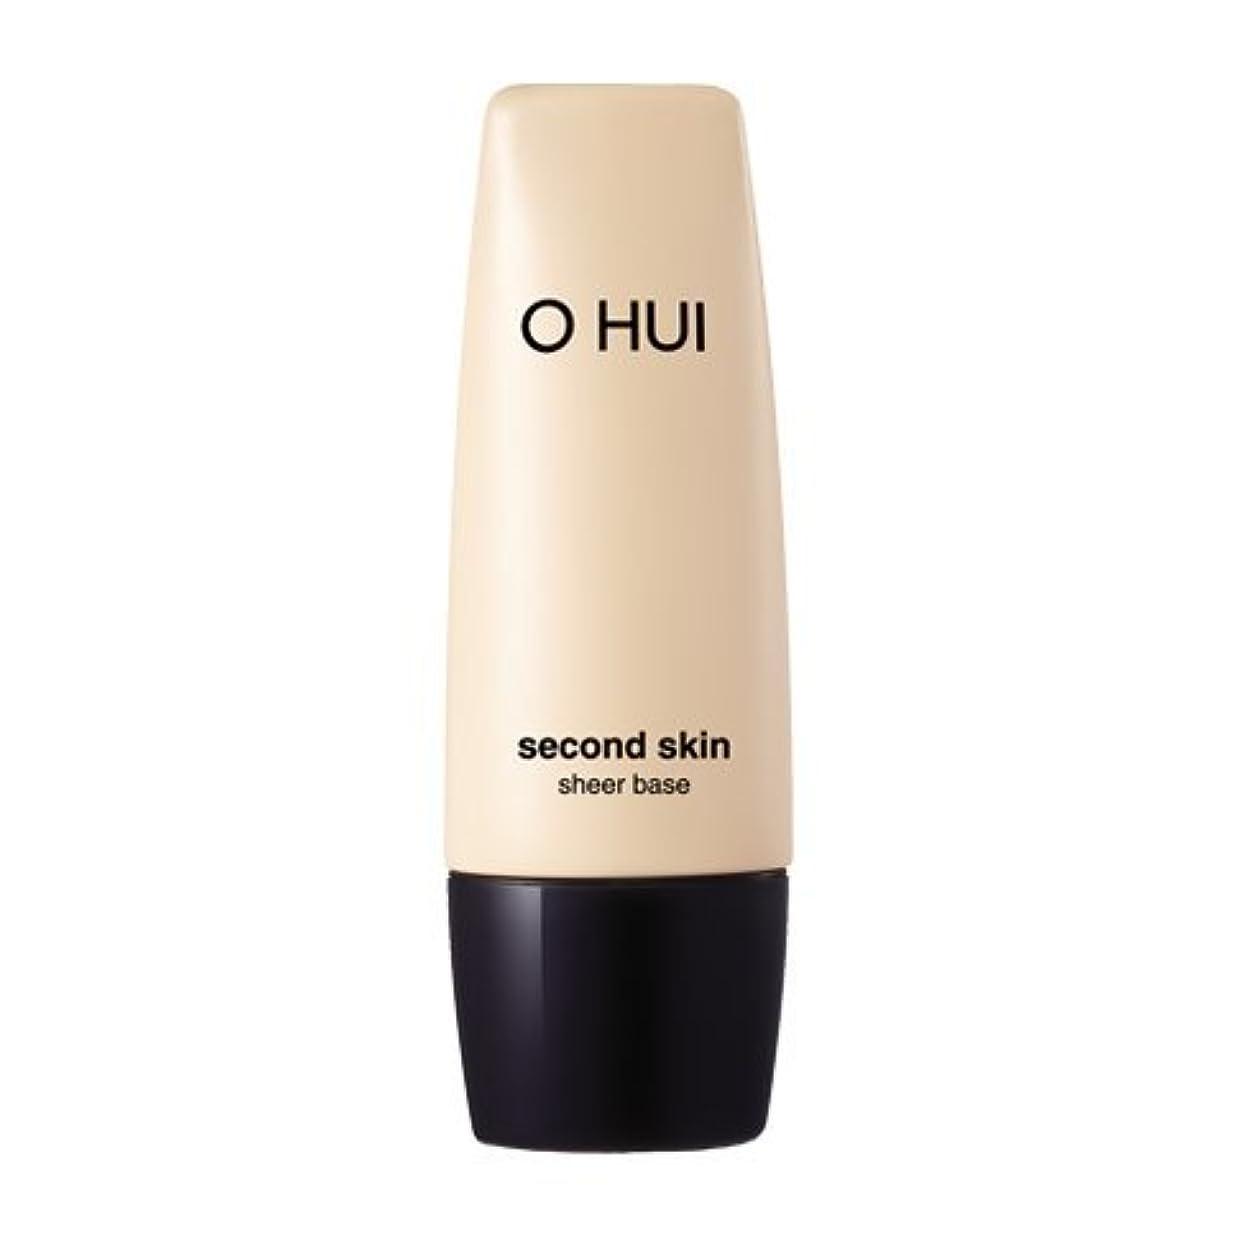 日付付き外交問題なくなるOHUI Second Skin Sheer Base 40ml/オフィ セカンド スキン シア ベース 40ml